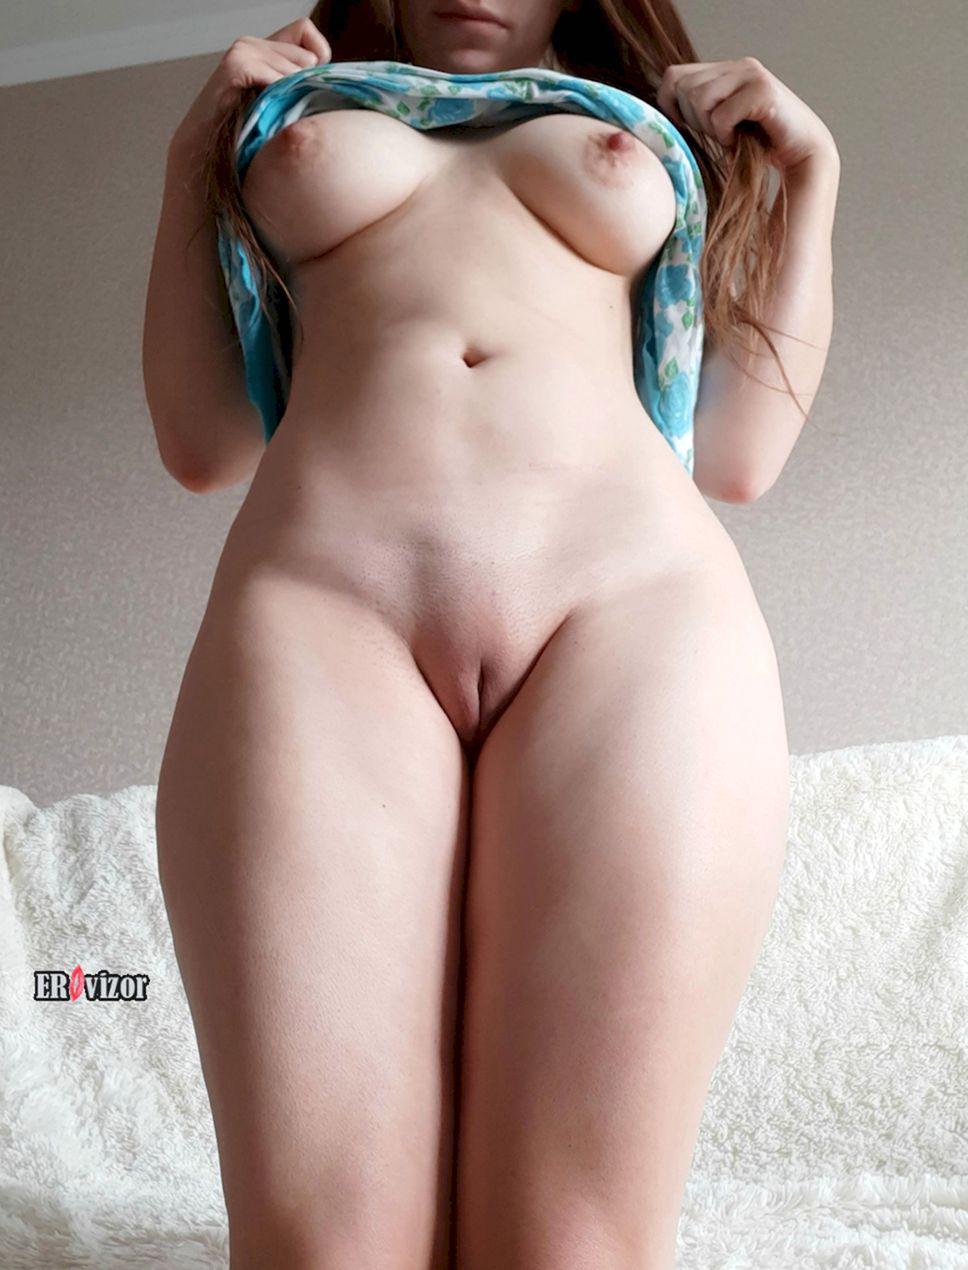 sbornik_chastnaya_erotica (2)